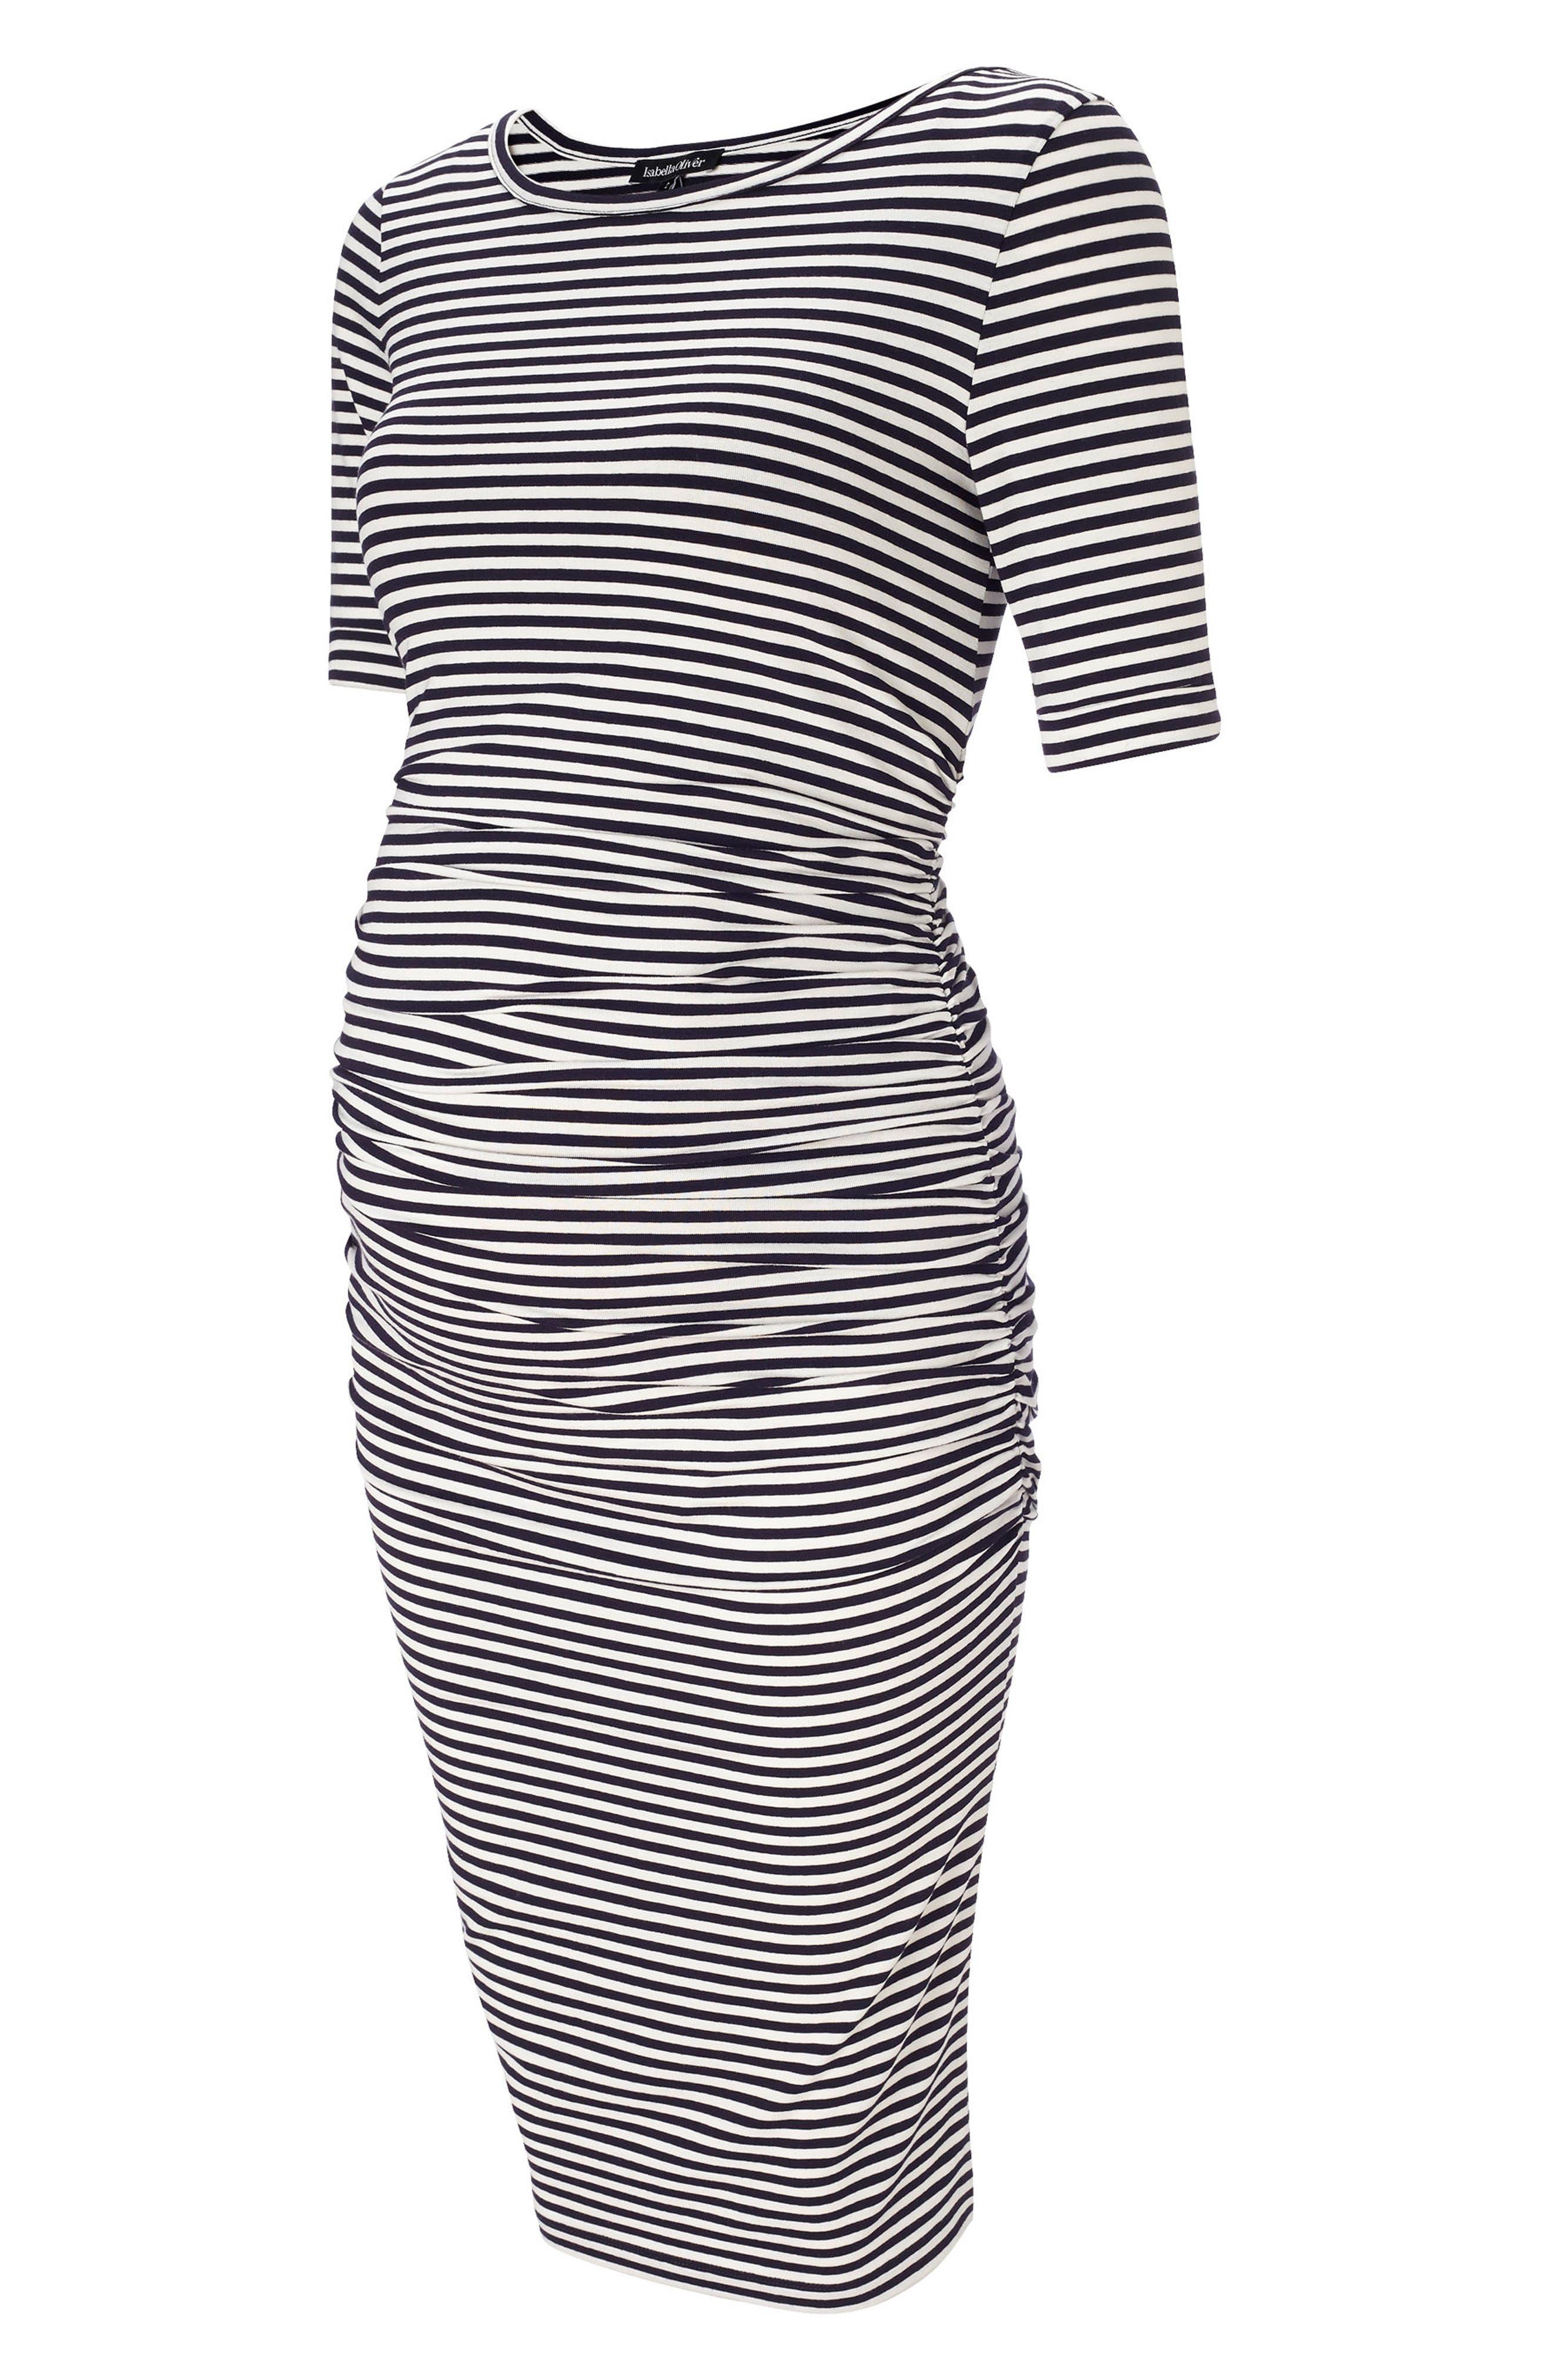 Arlington Stripe Maternity Dress,                             Alternate thumbnail 2, color,                             410